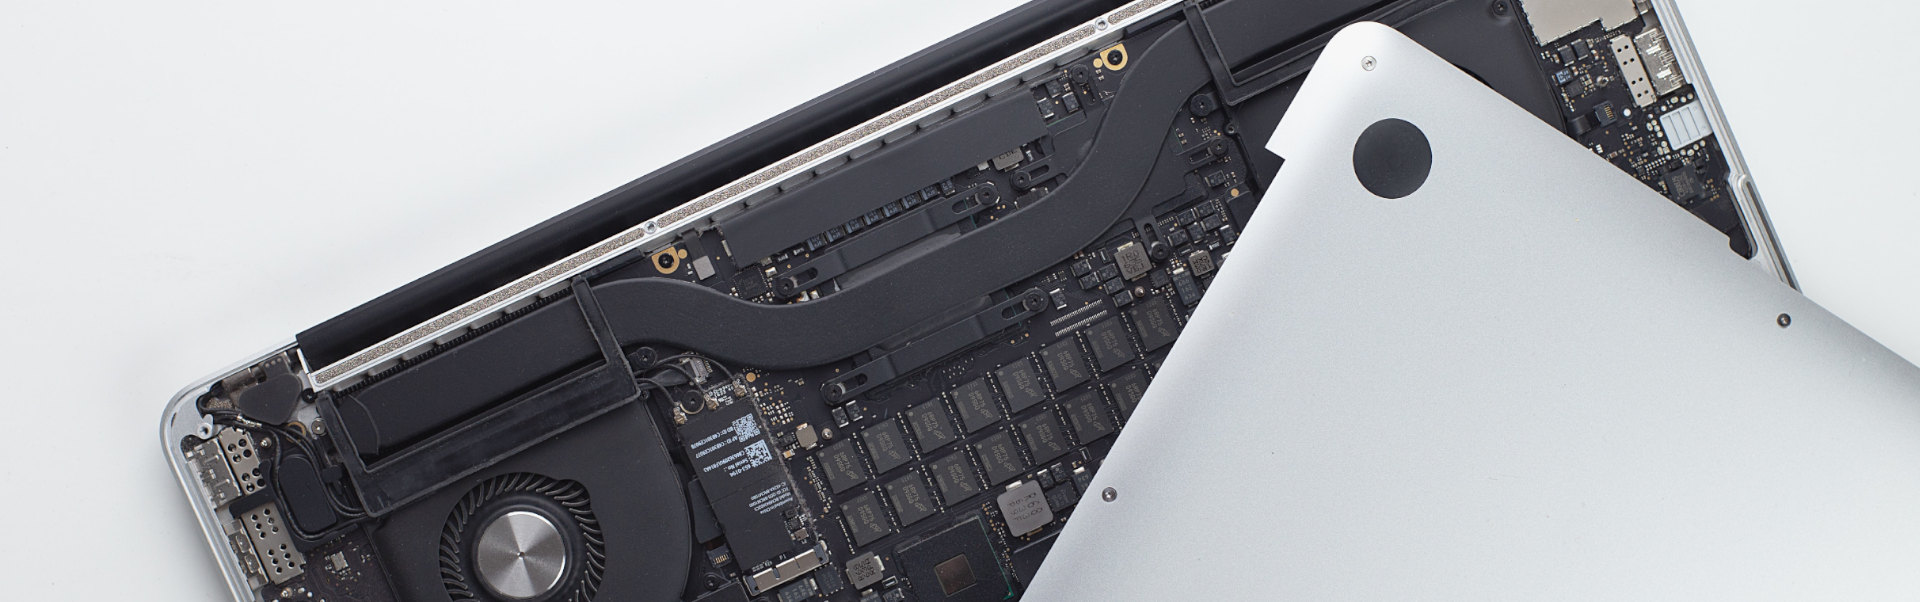 naprawa laptopów chełm